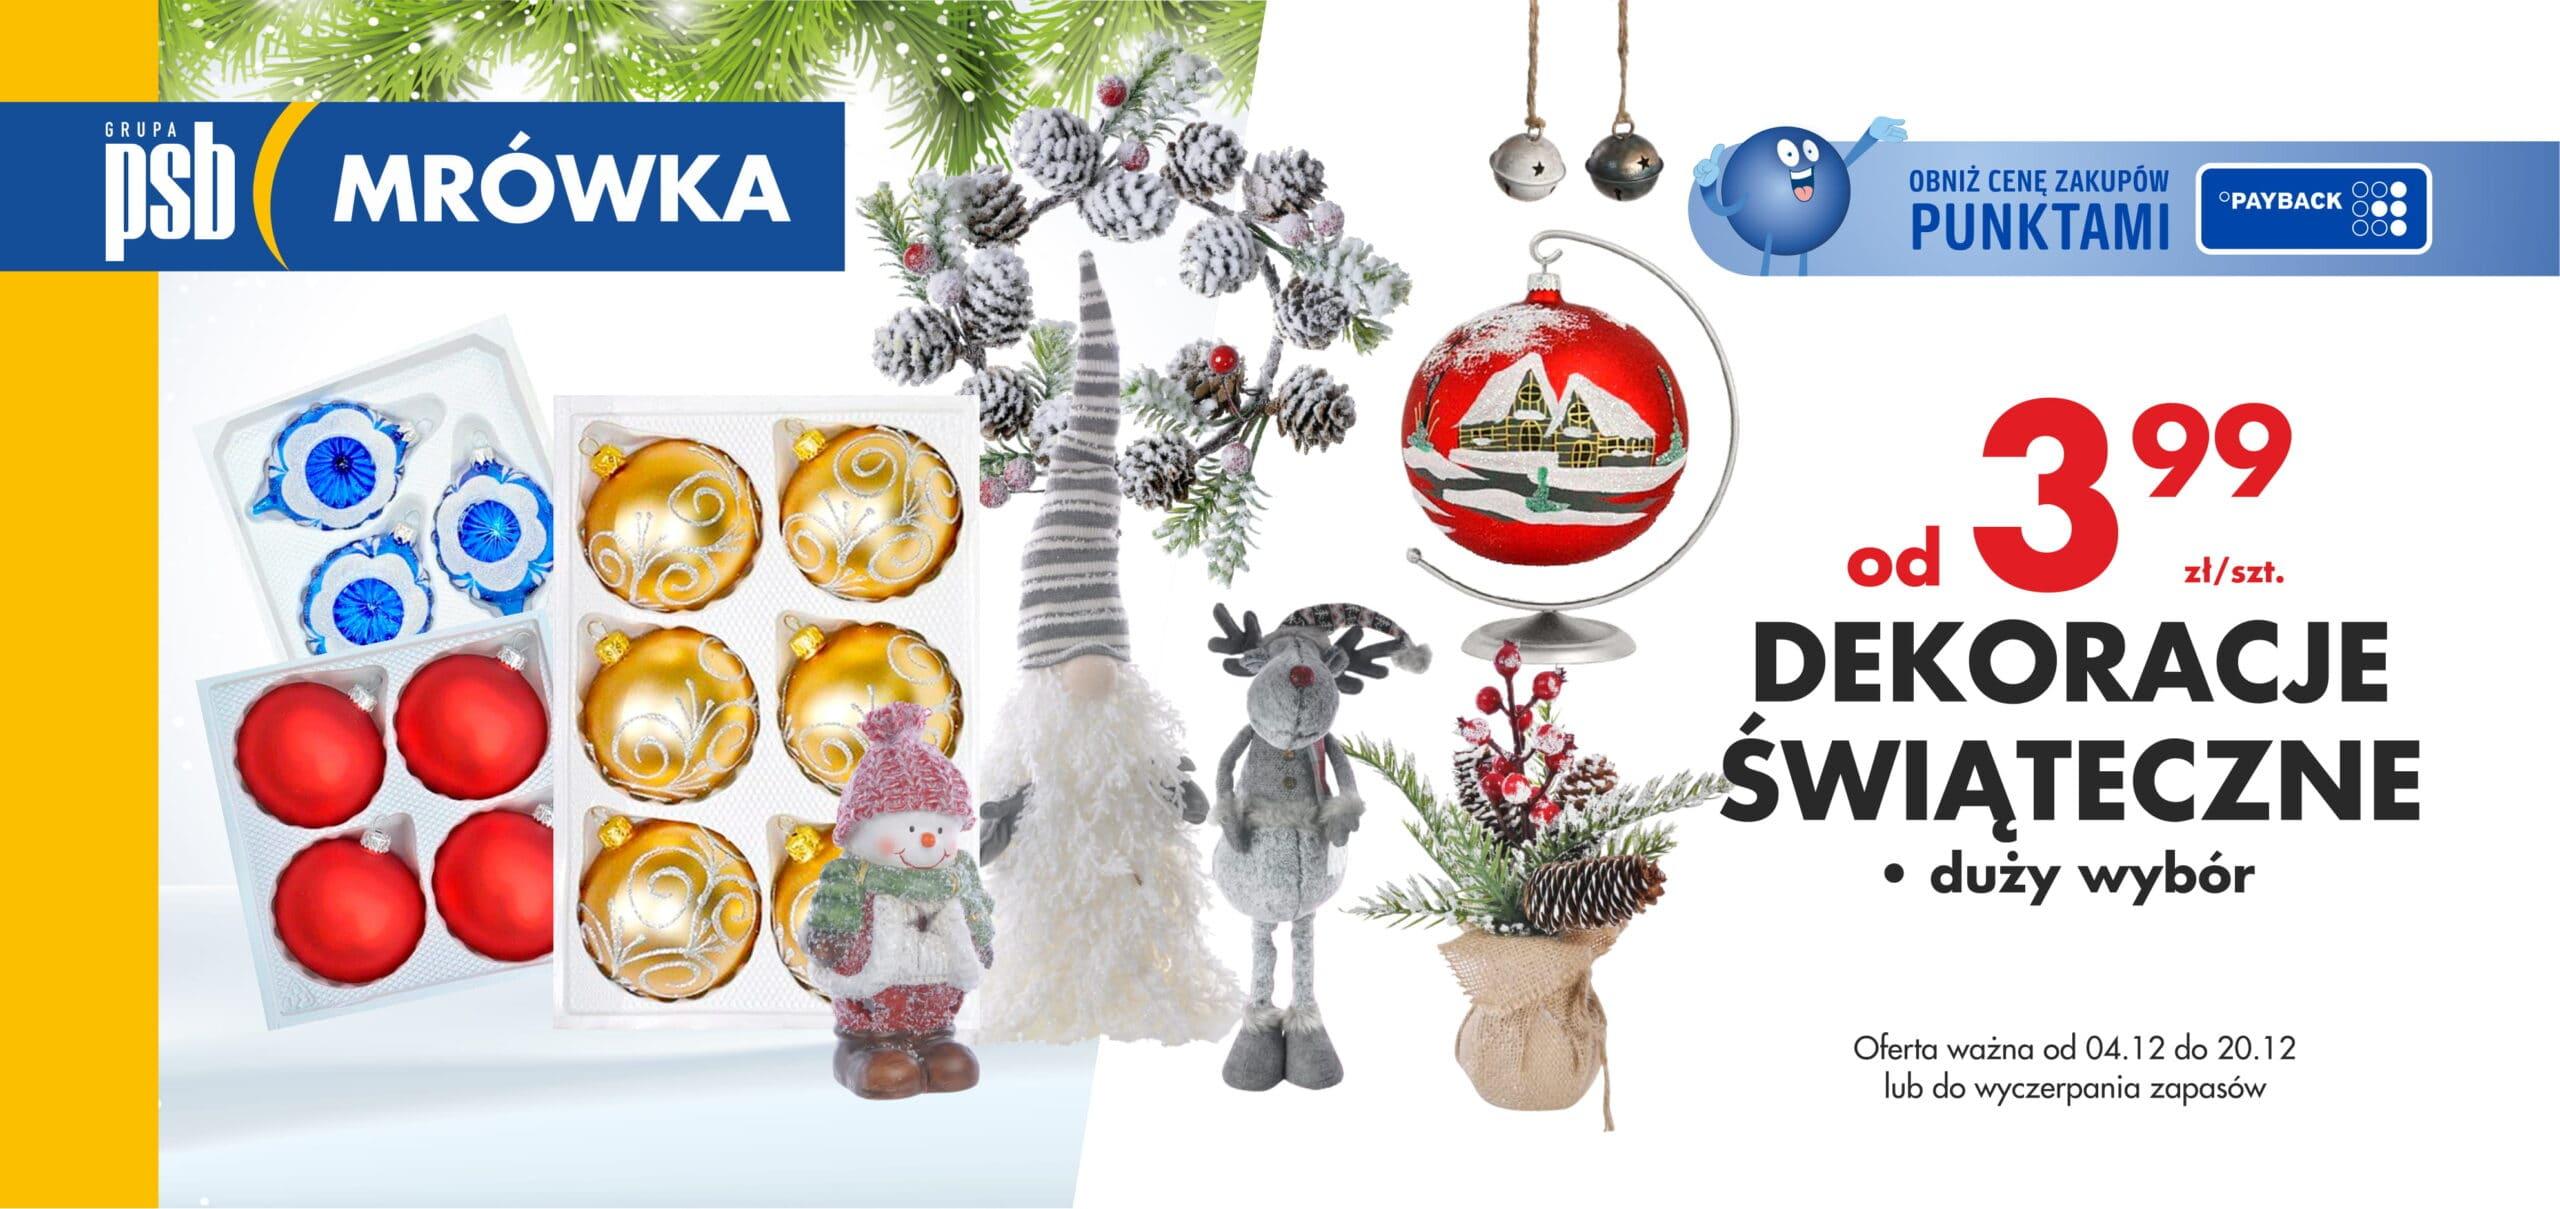 Dekoracje-świąteczne-504x238-1-scaled